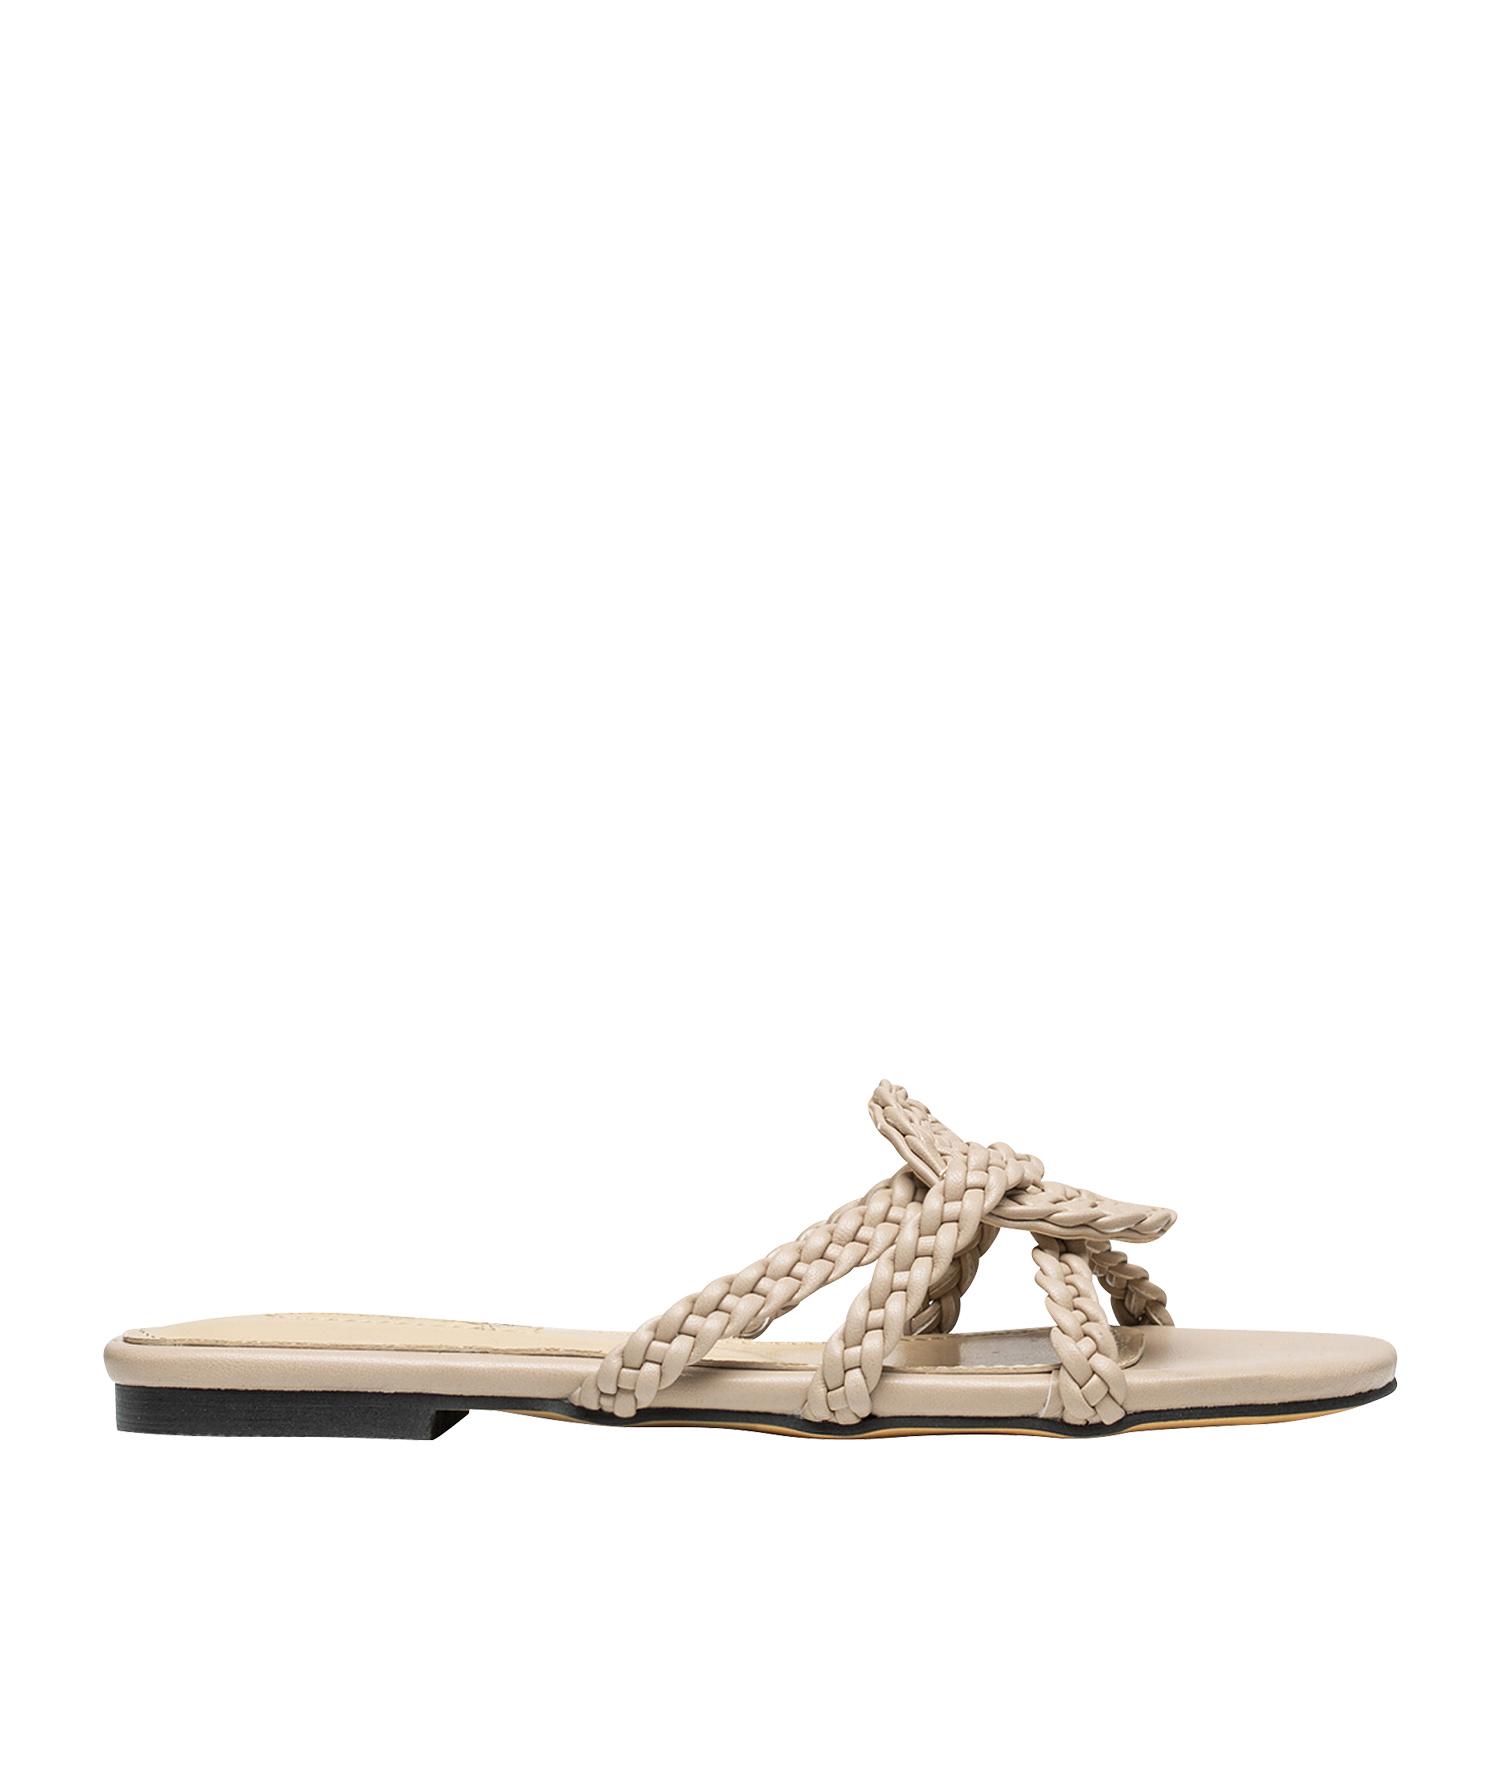 e450703d2aefe AnnaKastle Womens Braided Strap Slide Flat Sandal Beige